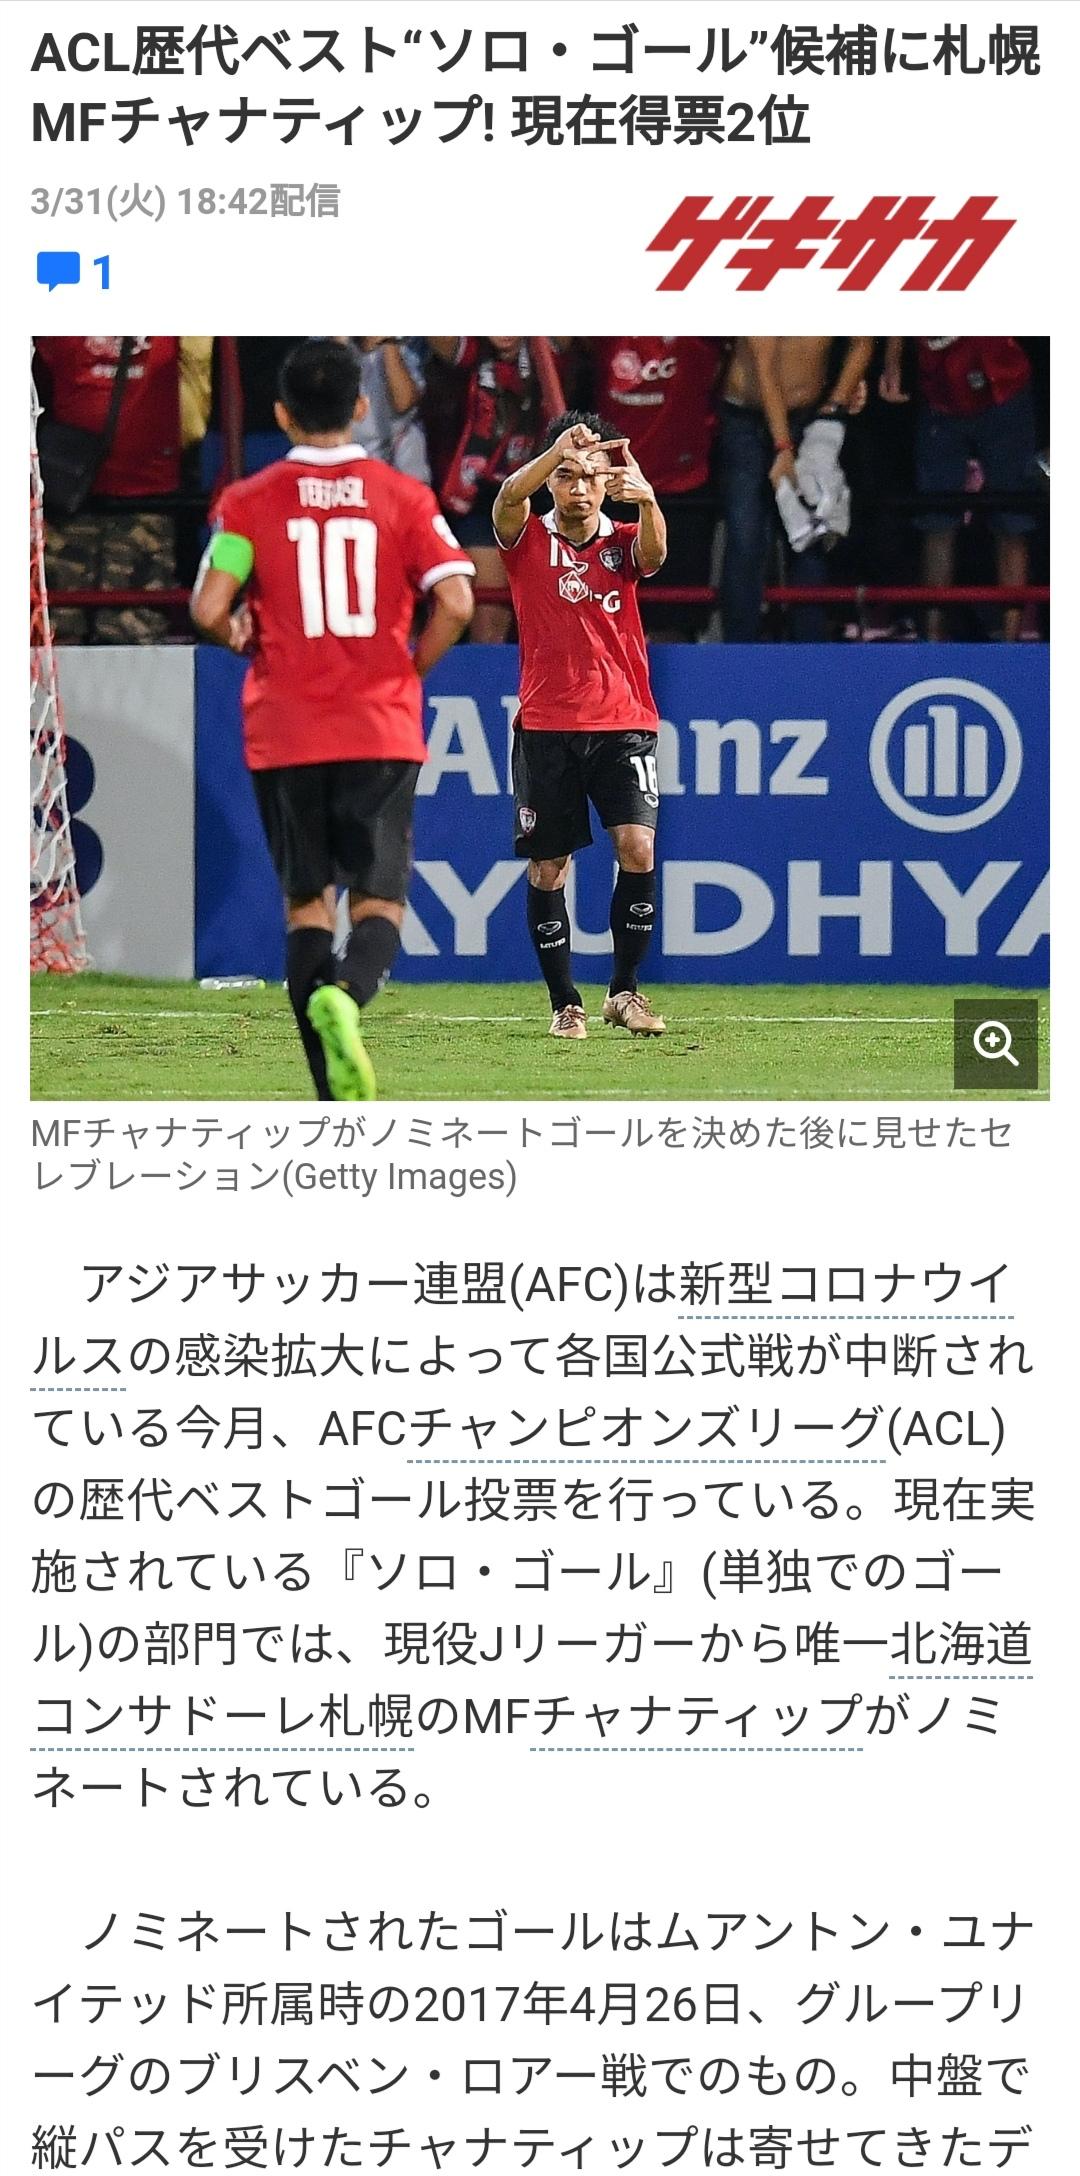 北海道 サッカー 掲示板 北海道少年サッカー応援団